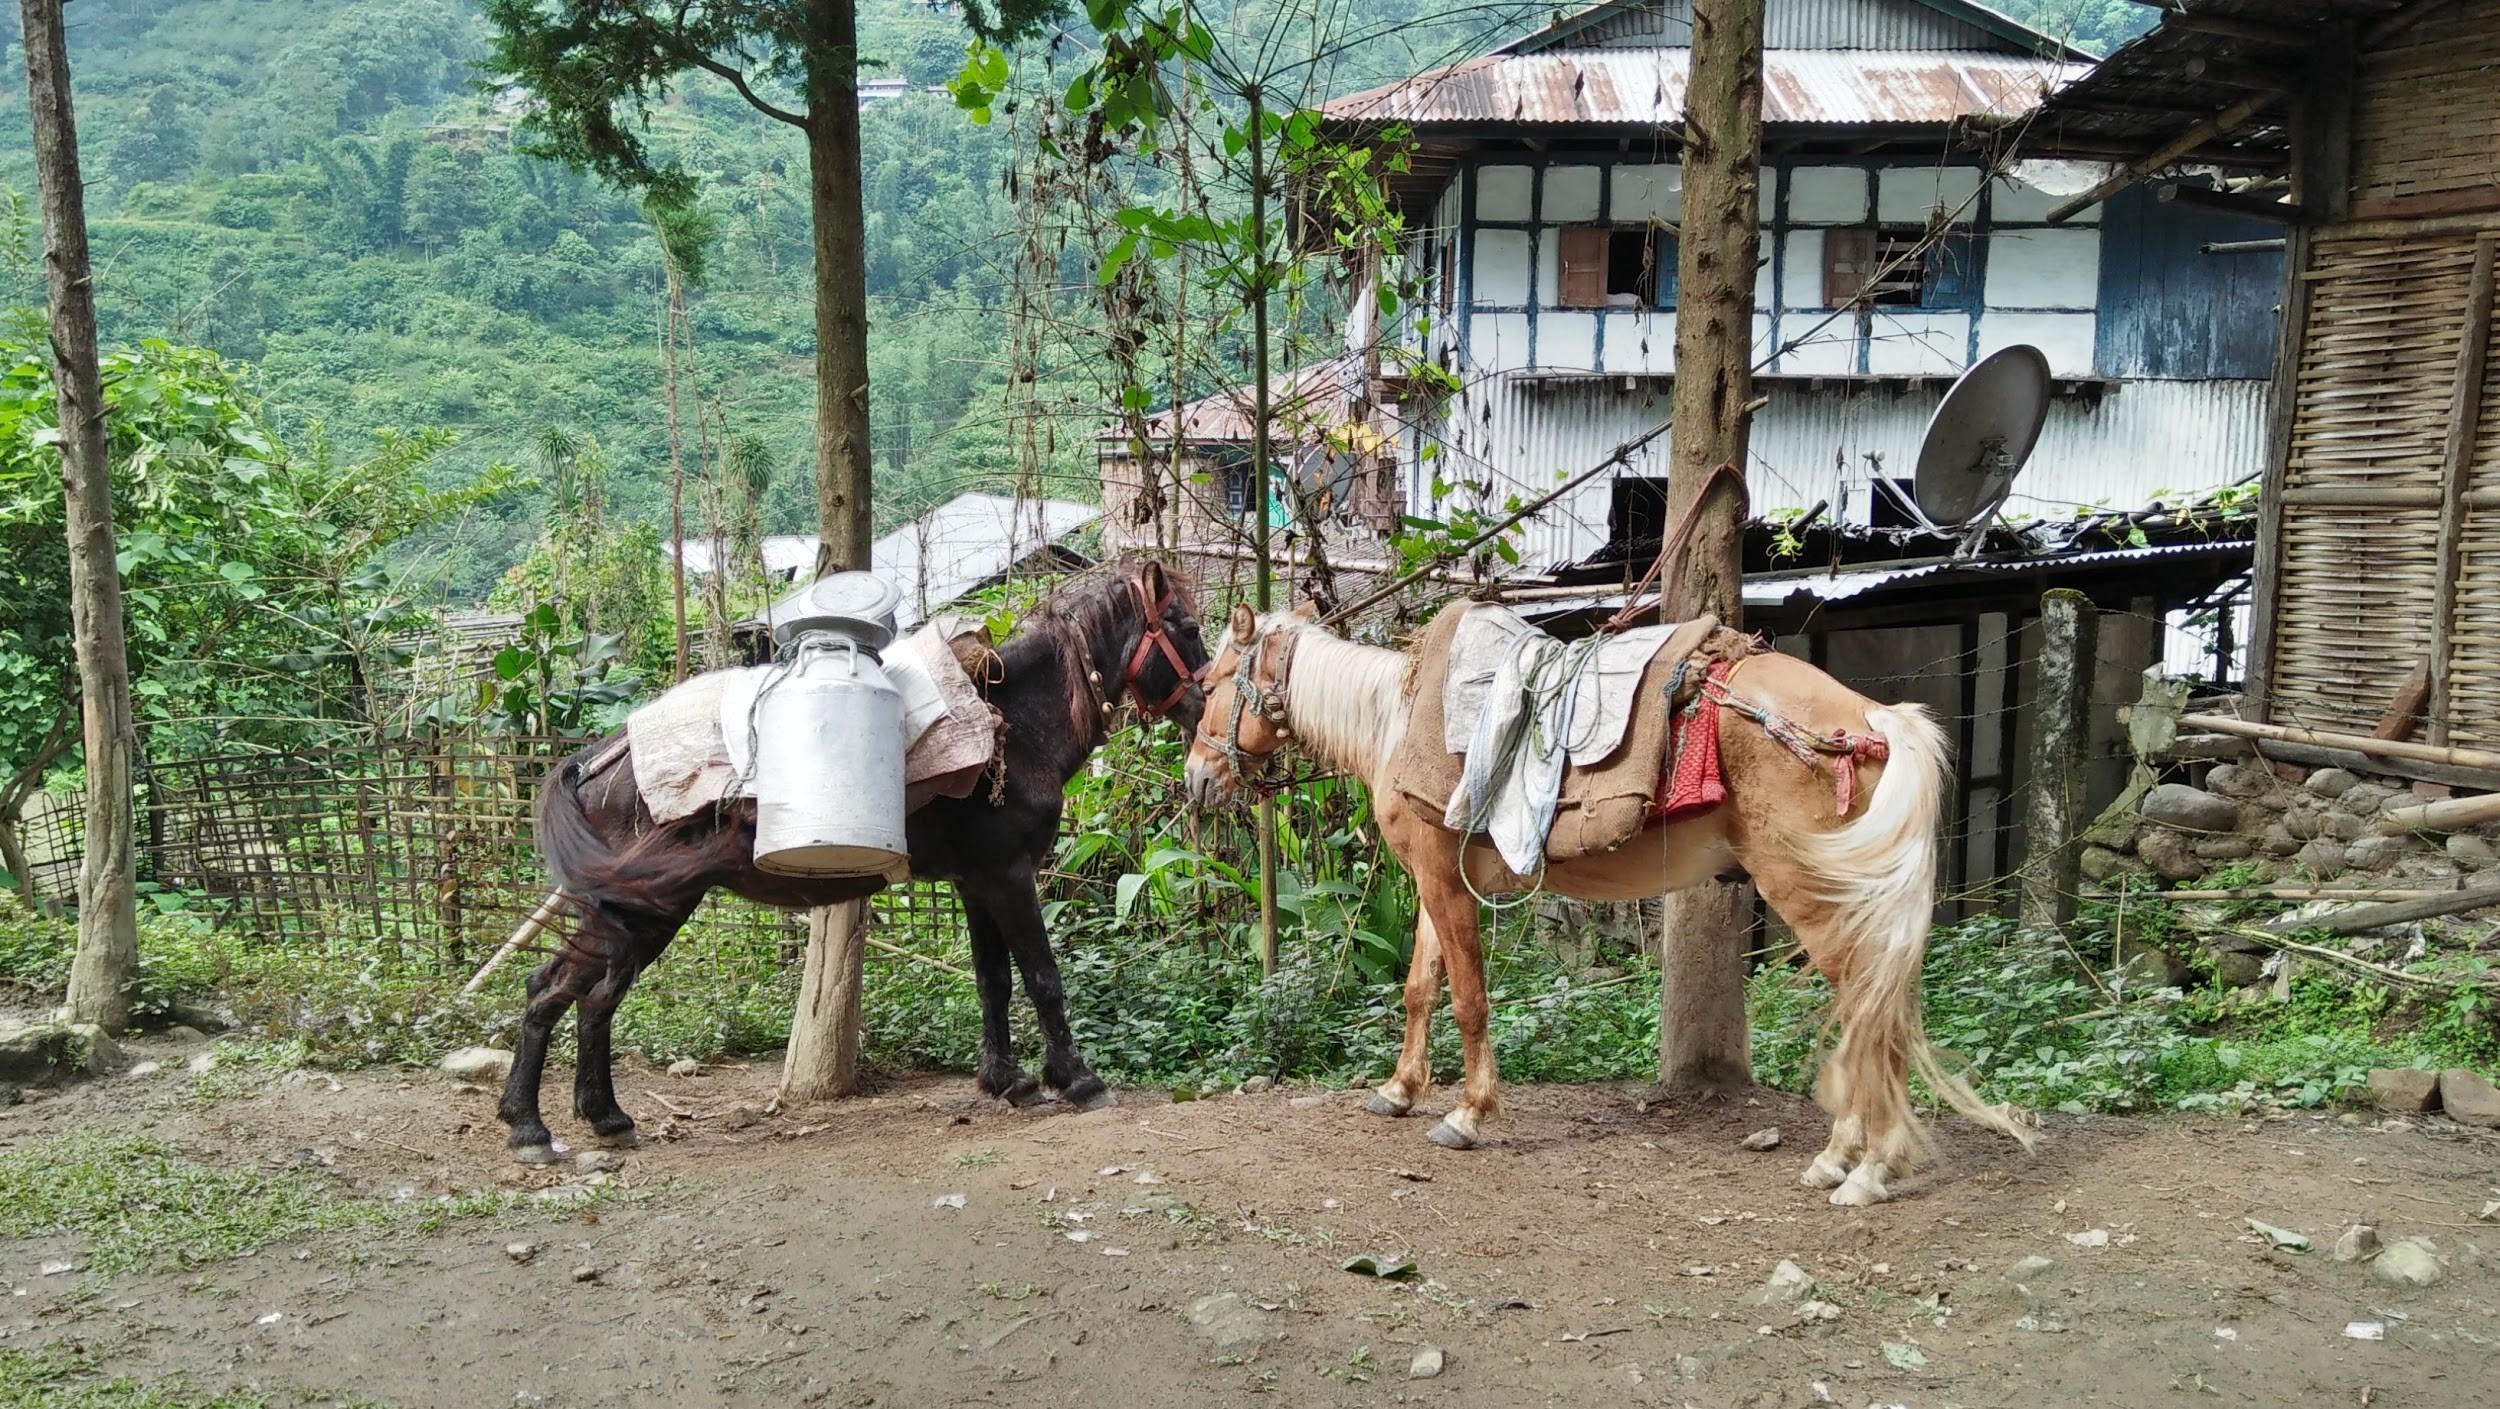 Nepal Road Trip Vagabond Way